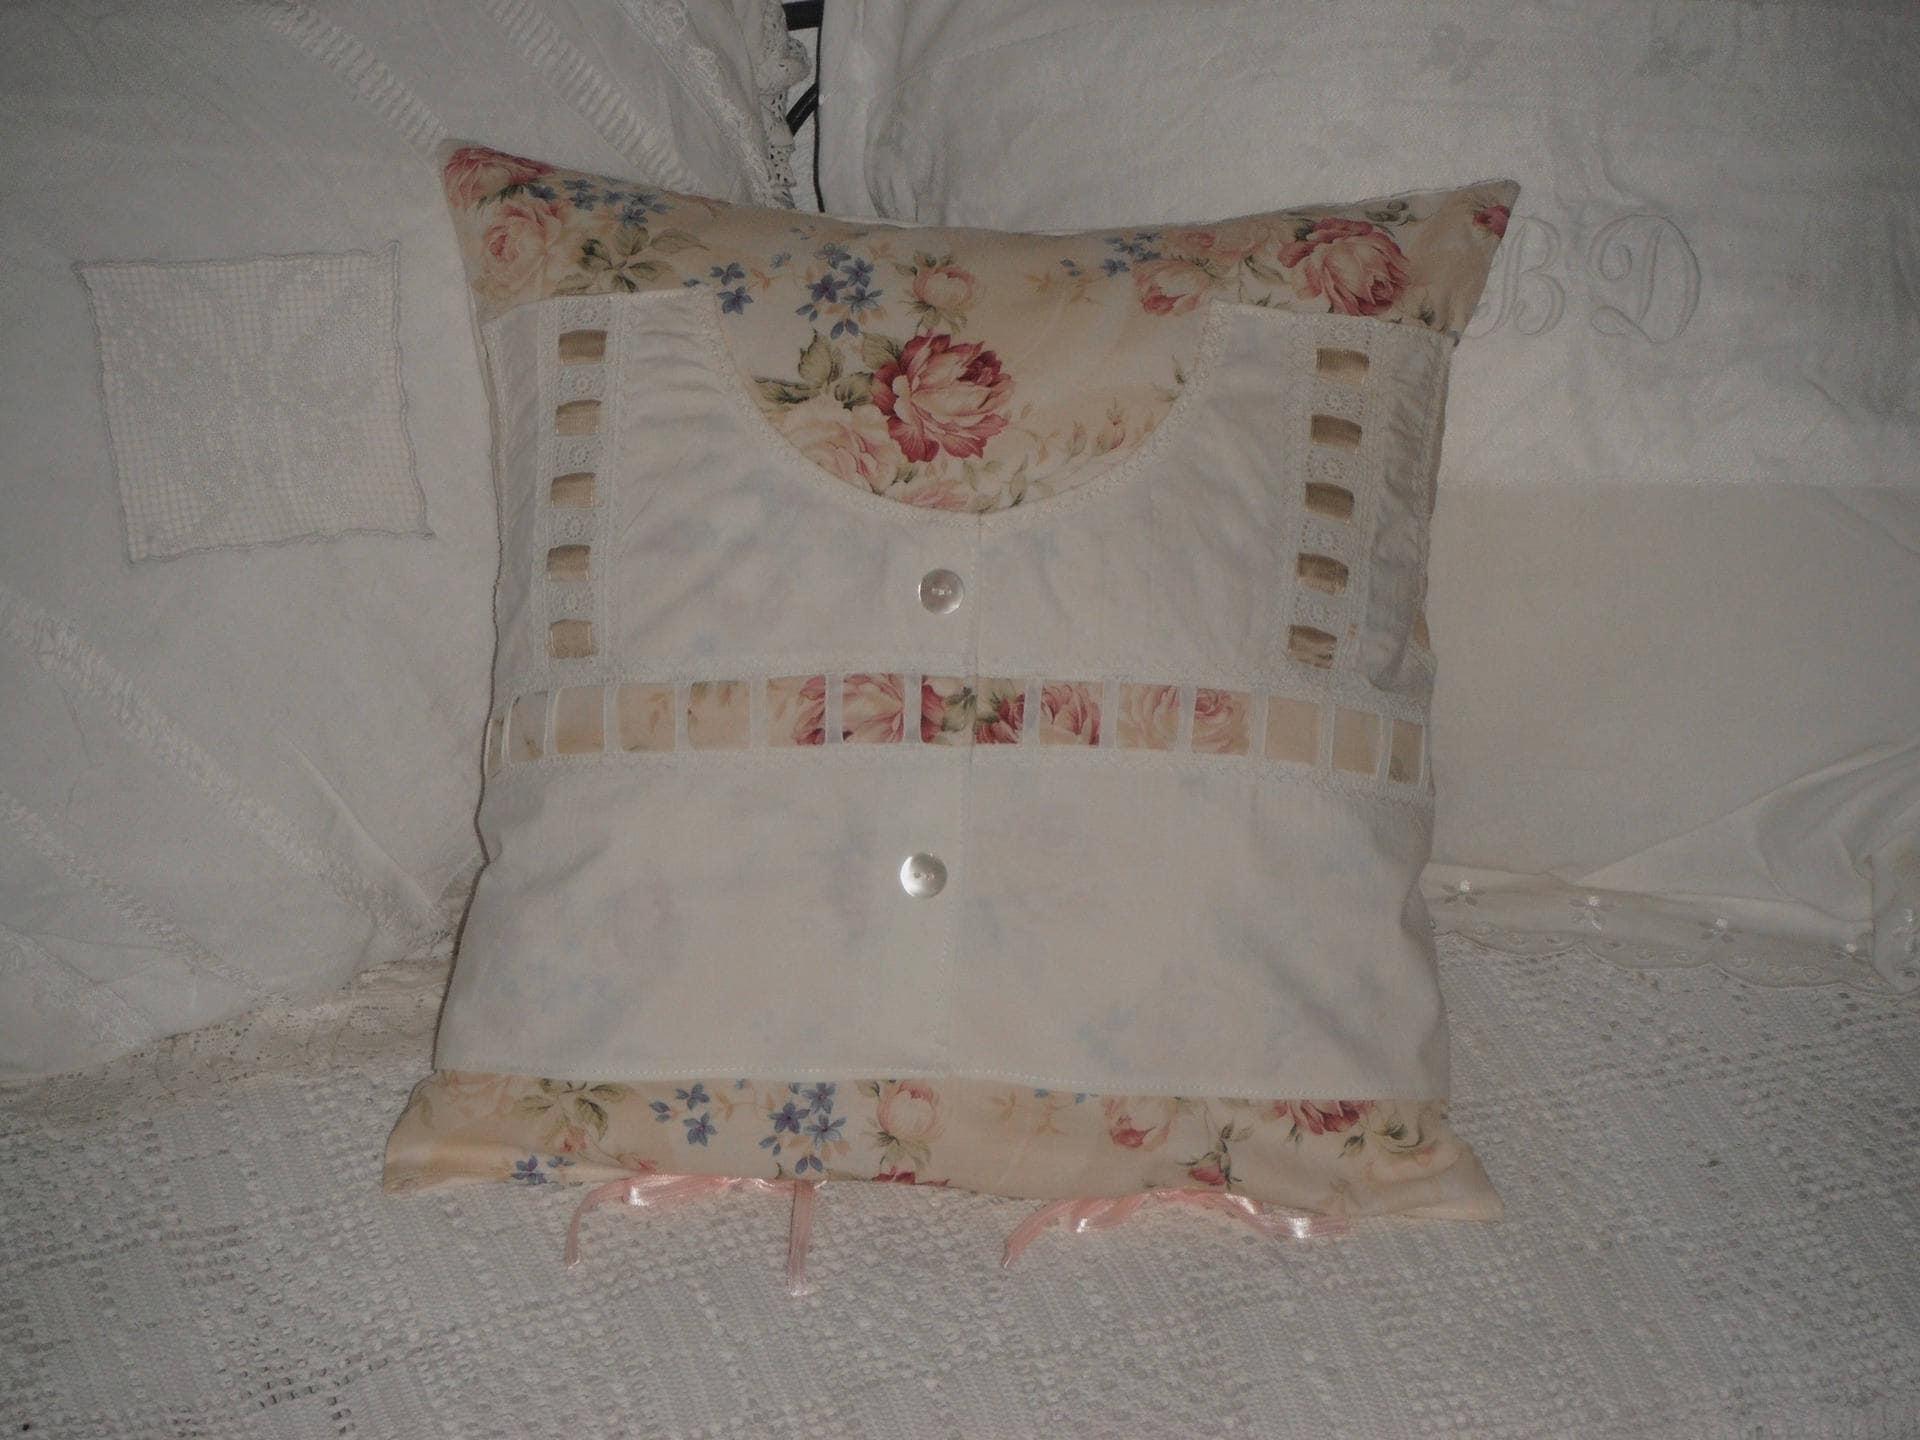 coussin shabby chic et romantique imprim coton et linge. Black Bedroom Furniture Sets. Home Design Ideas